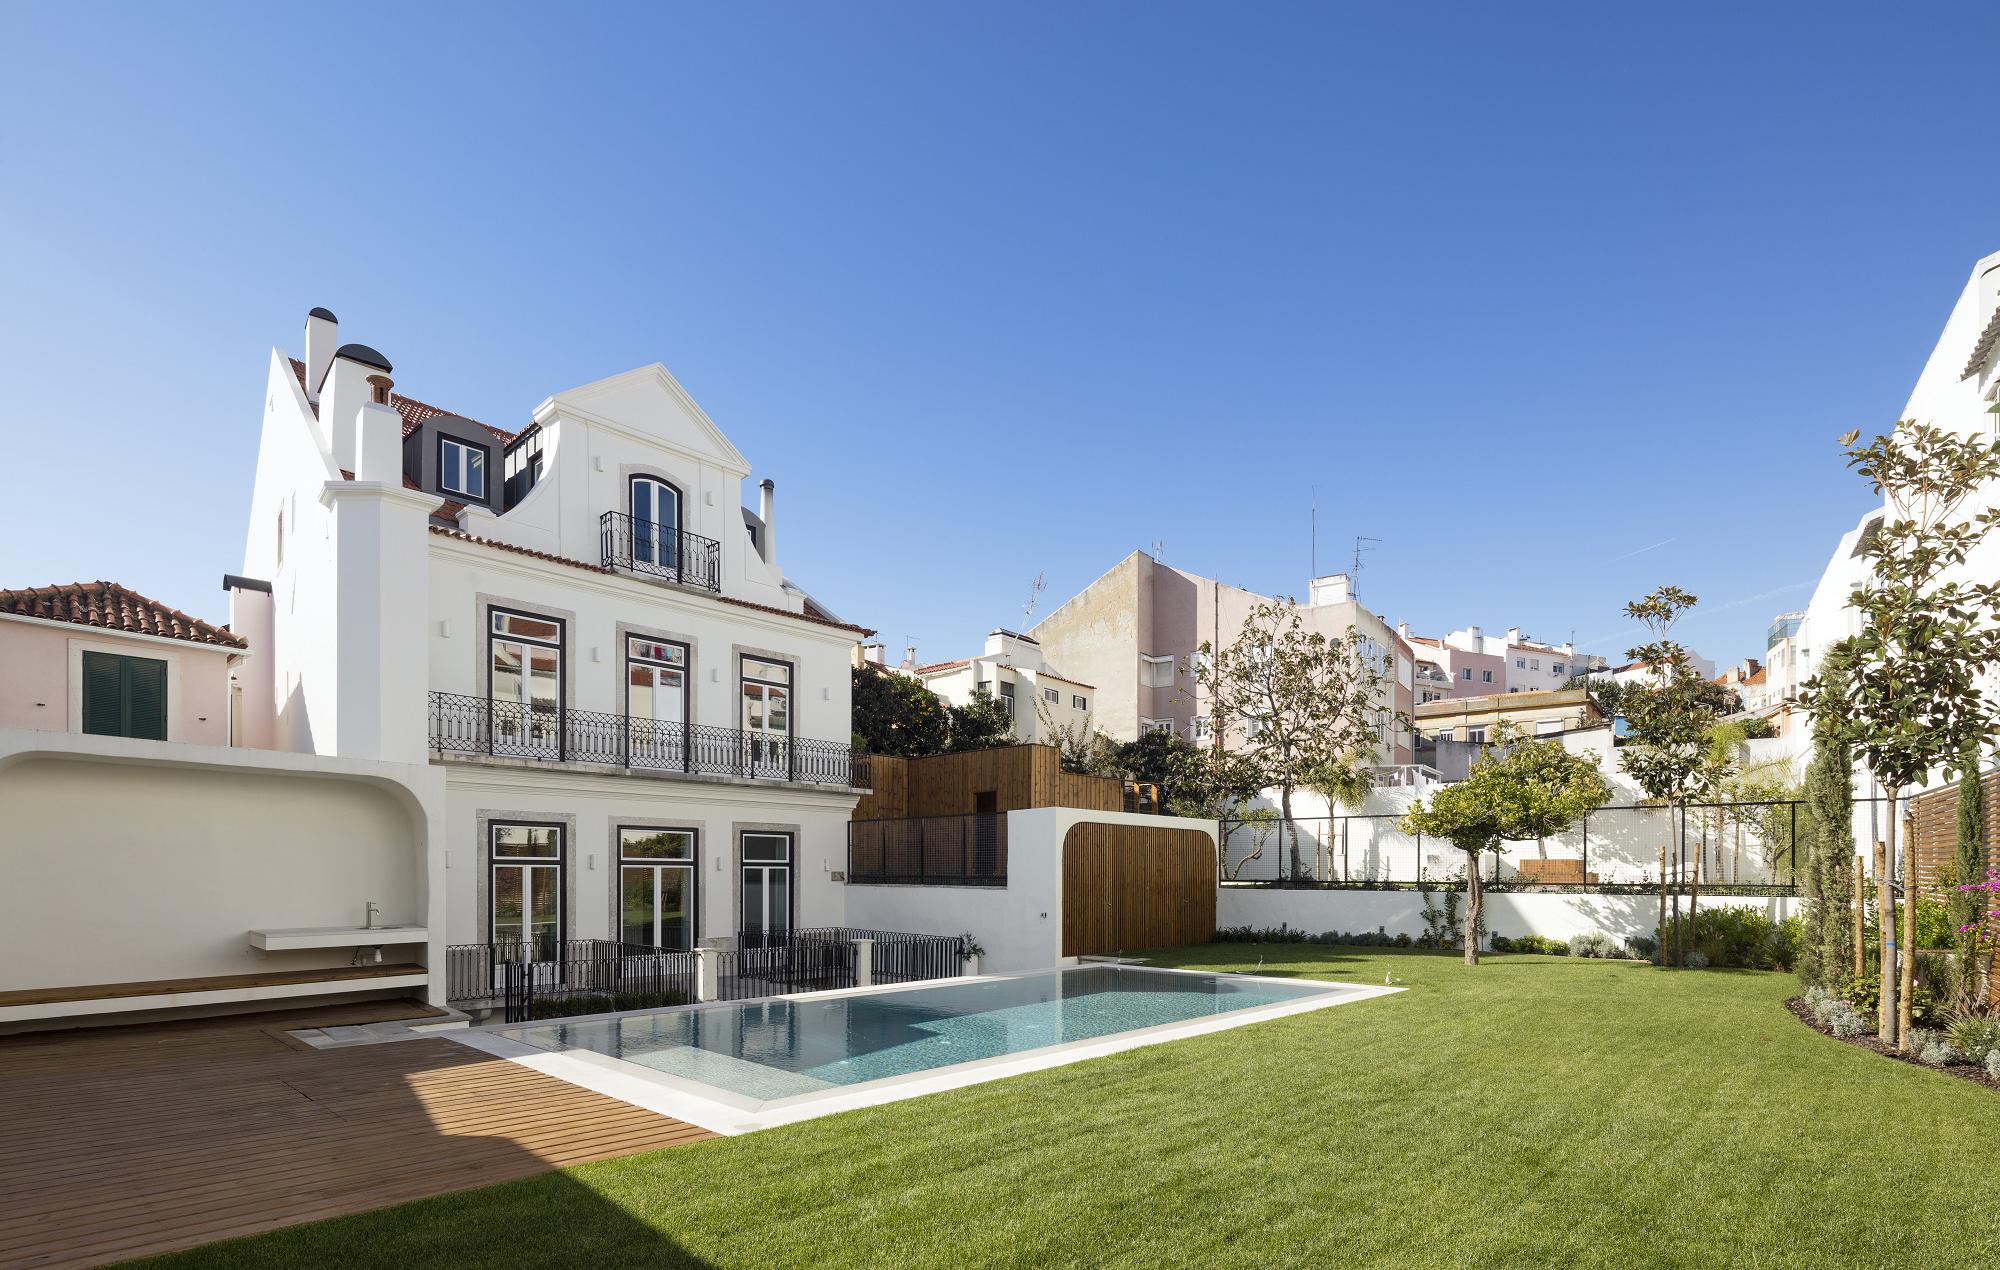 Reabilitação de edifício de 4 pisos na Graça, em Lisboa / FG+SG - Fotografia de Arquitectura